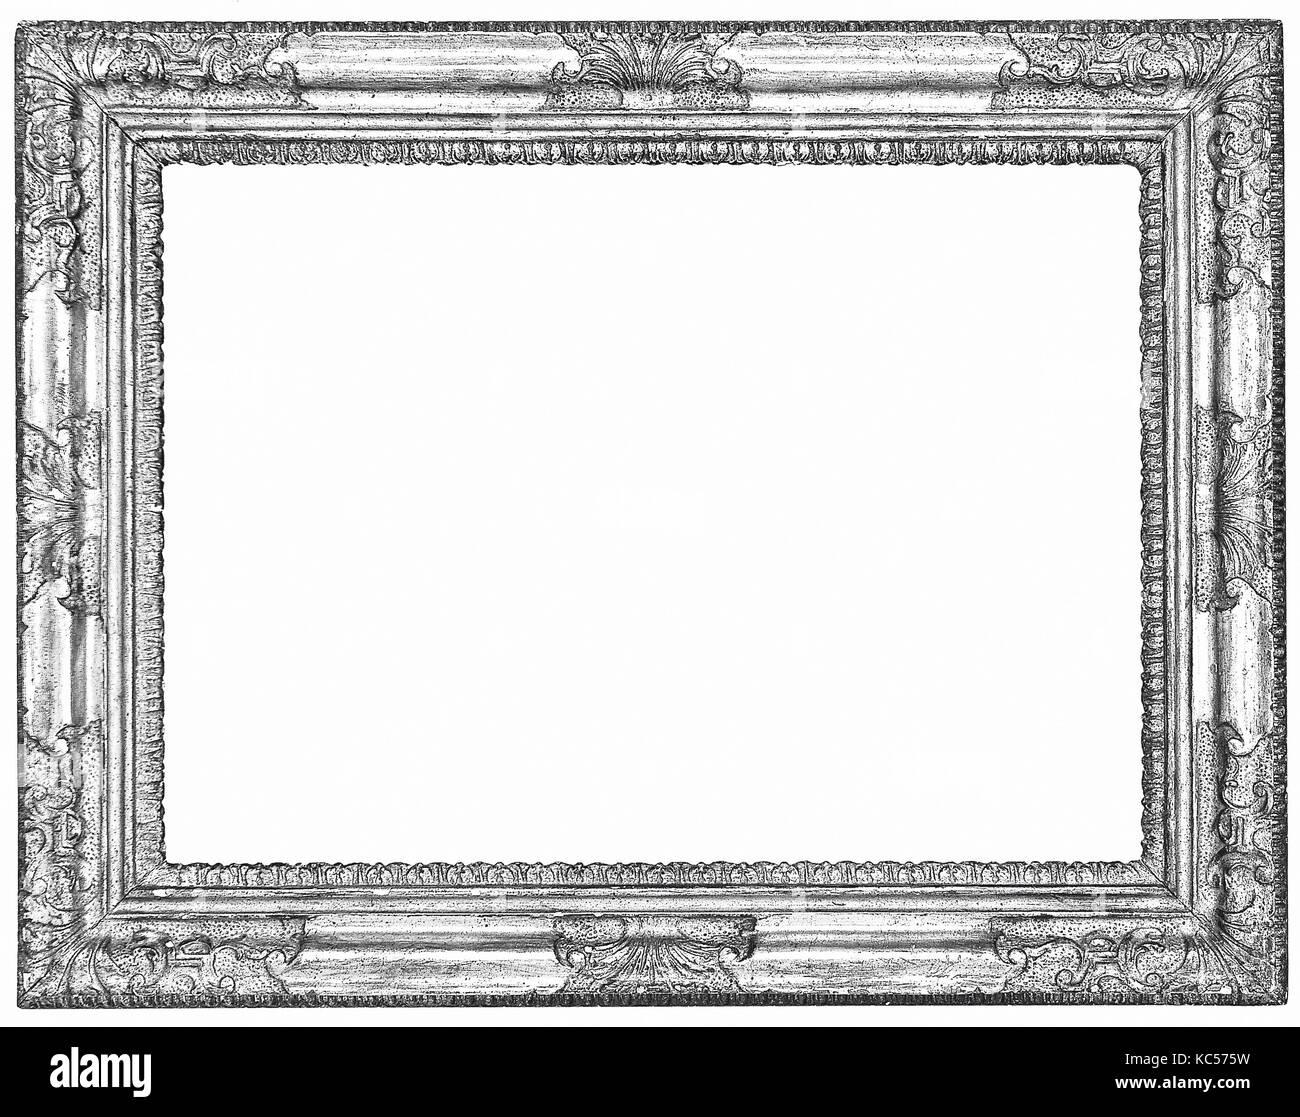 Berühmt 36 X 20 Rahmen Fotos - Benutzerdefinierte Bilderrahmen Ideen ...